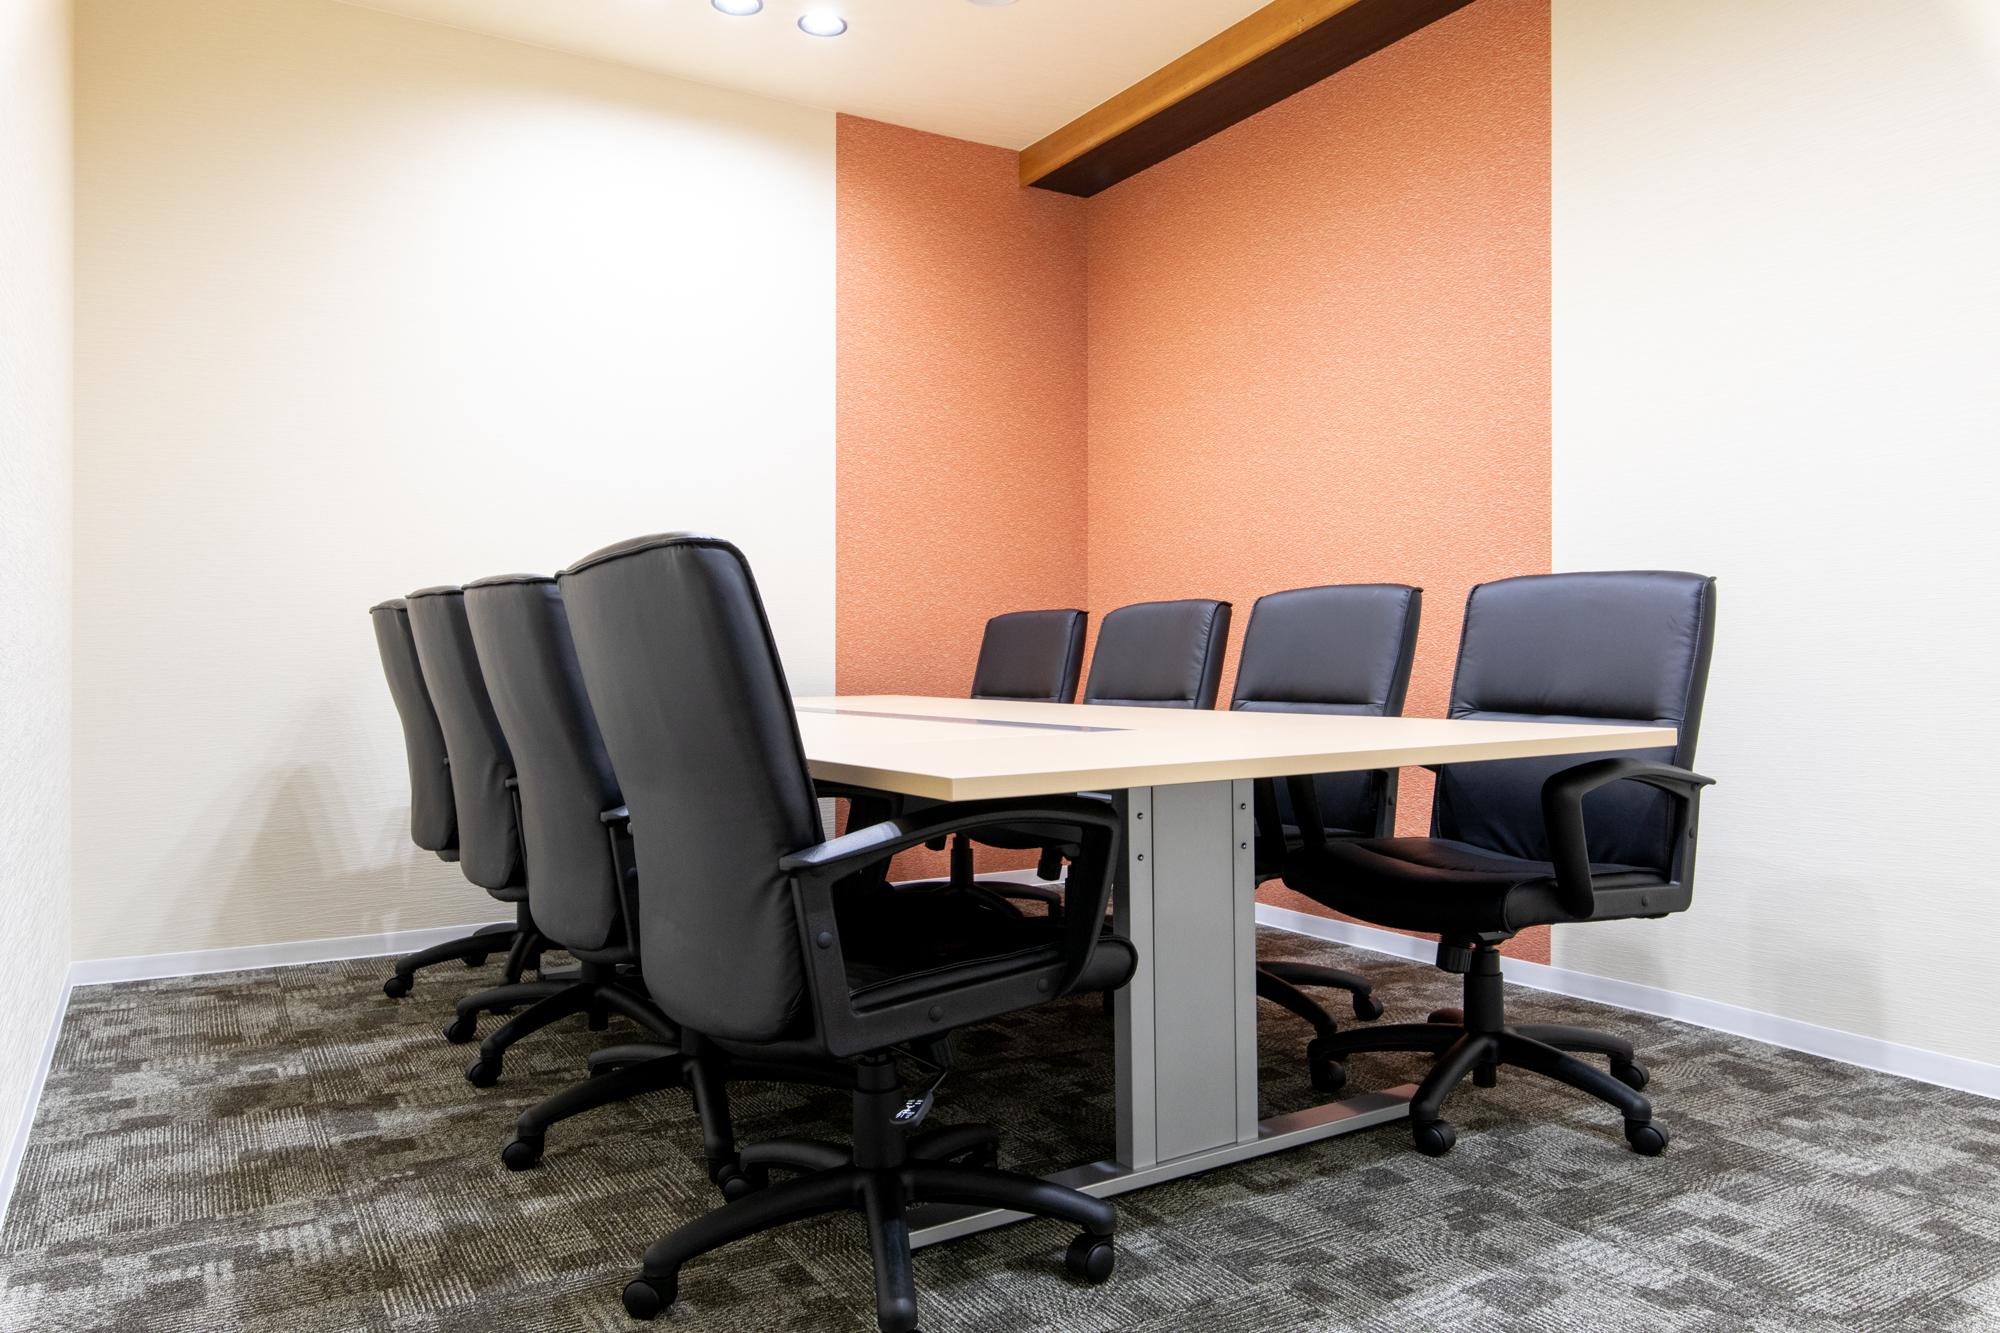 全国にある50拠点の会議室が利用可能